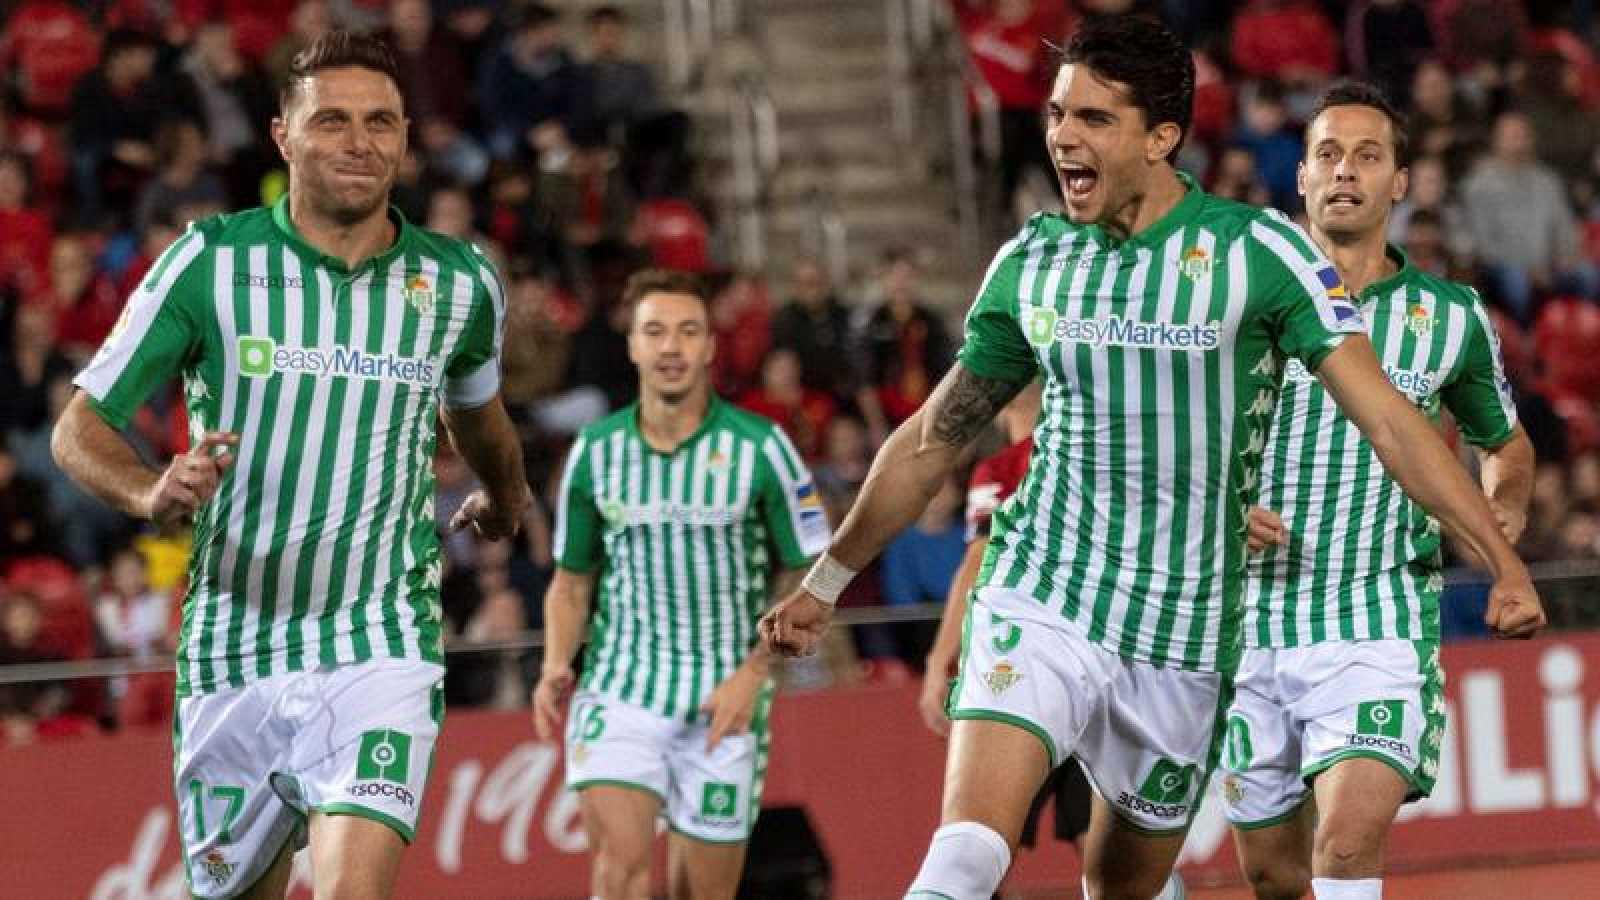 El Betis confirma su mejoría venciendo en Mallorca